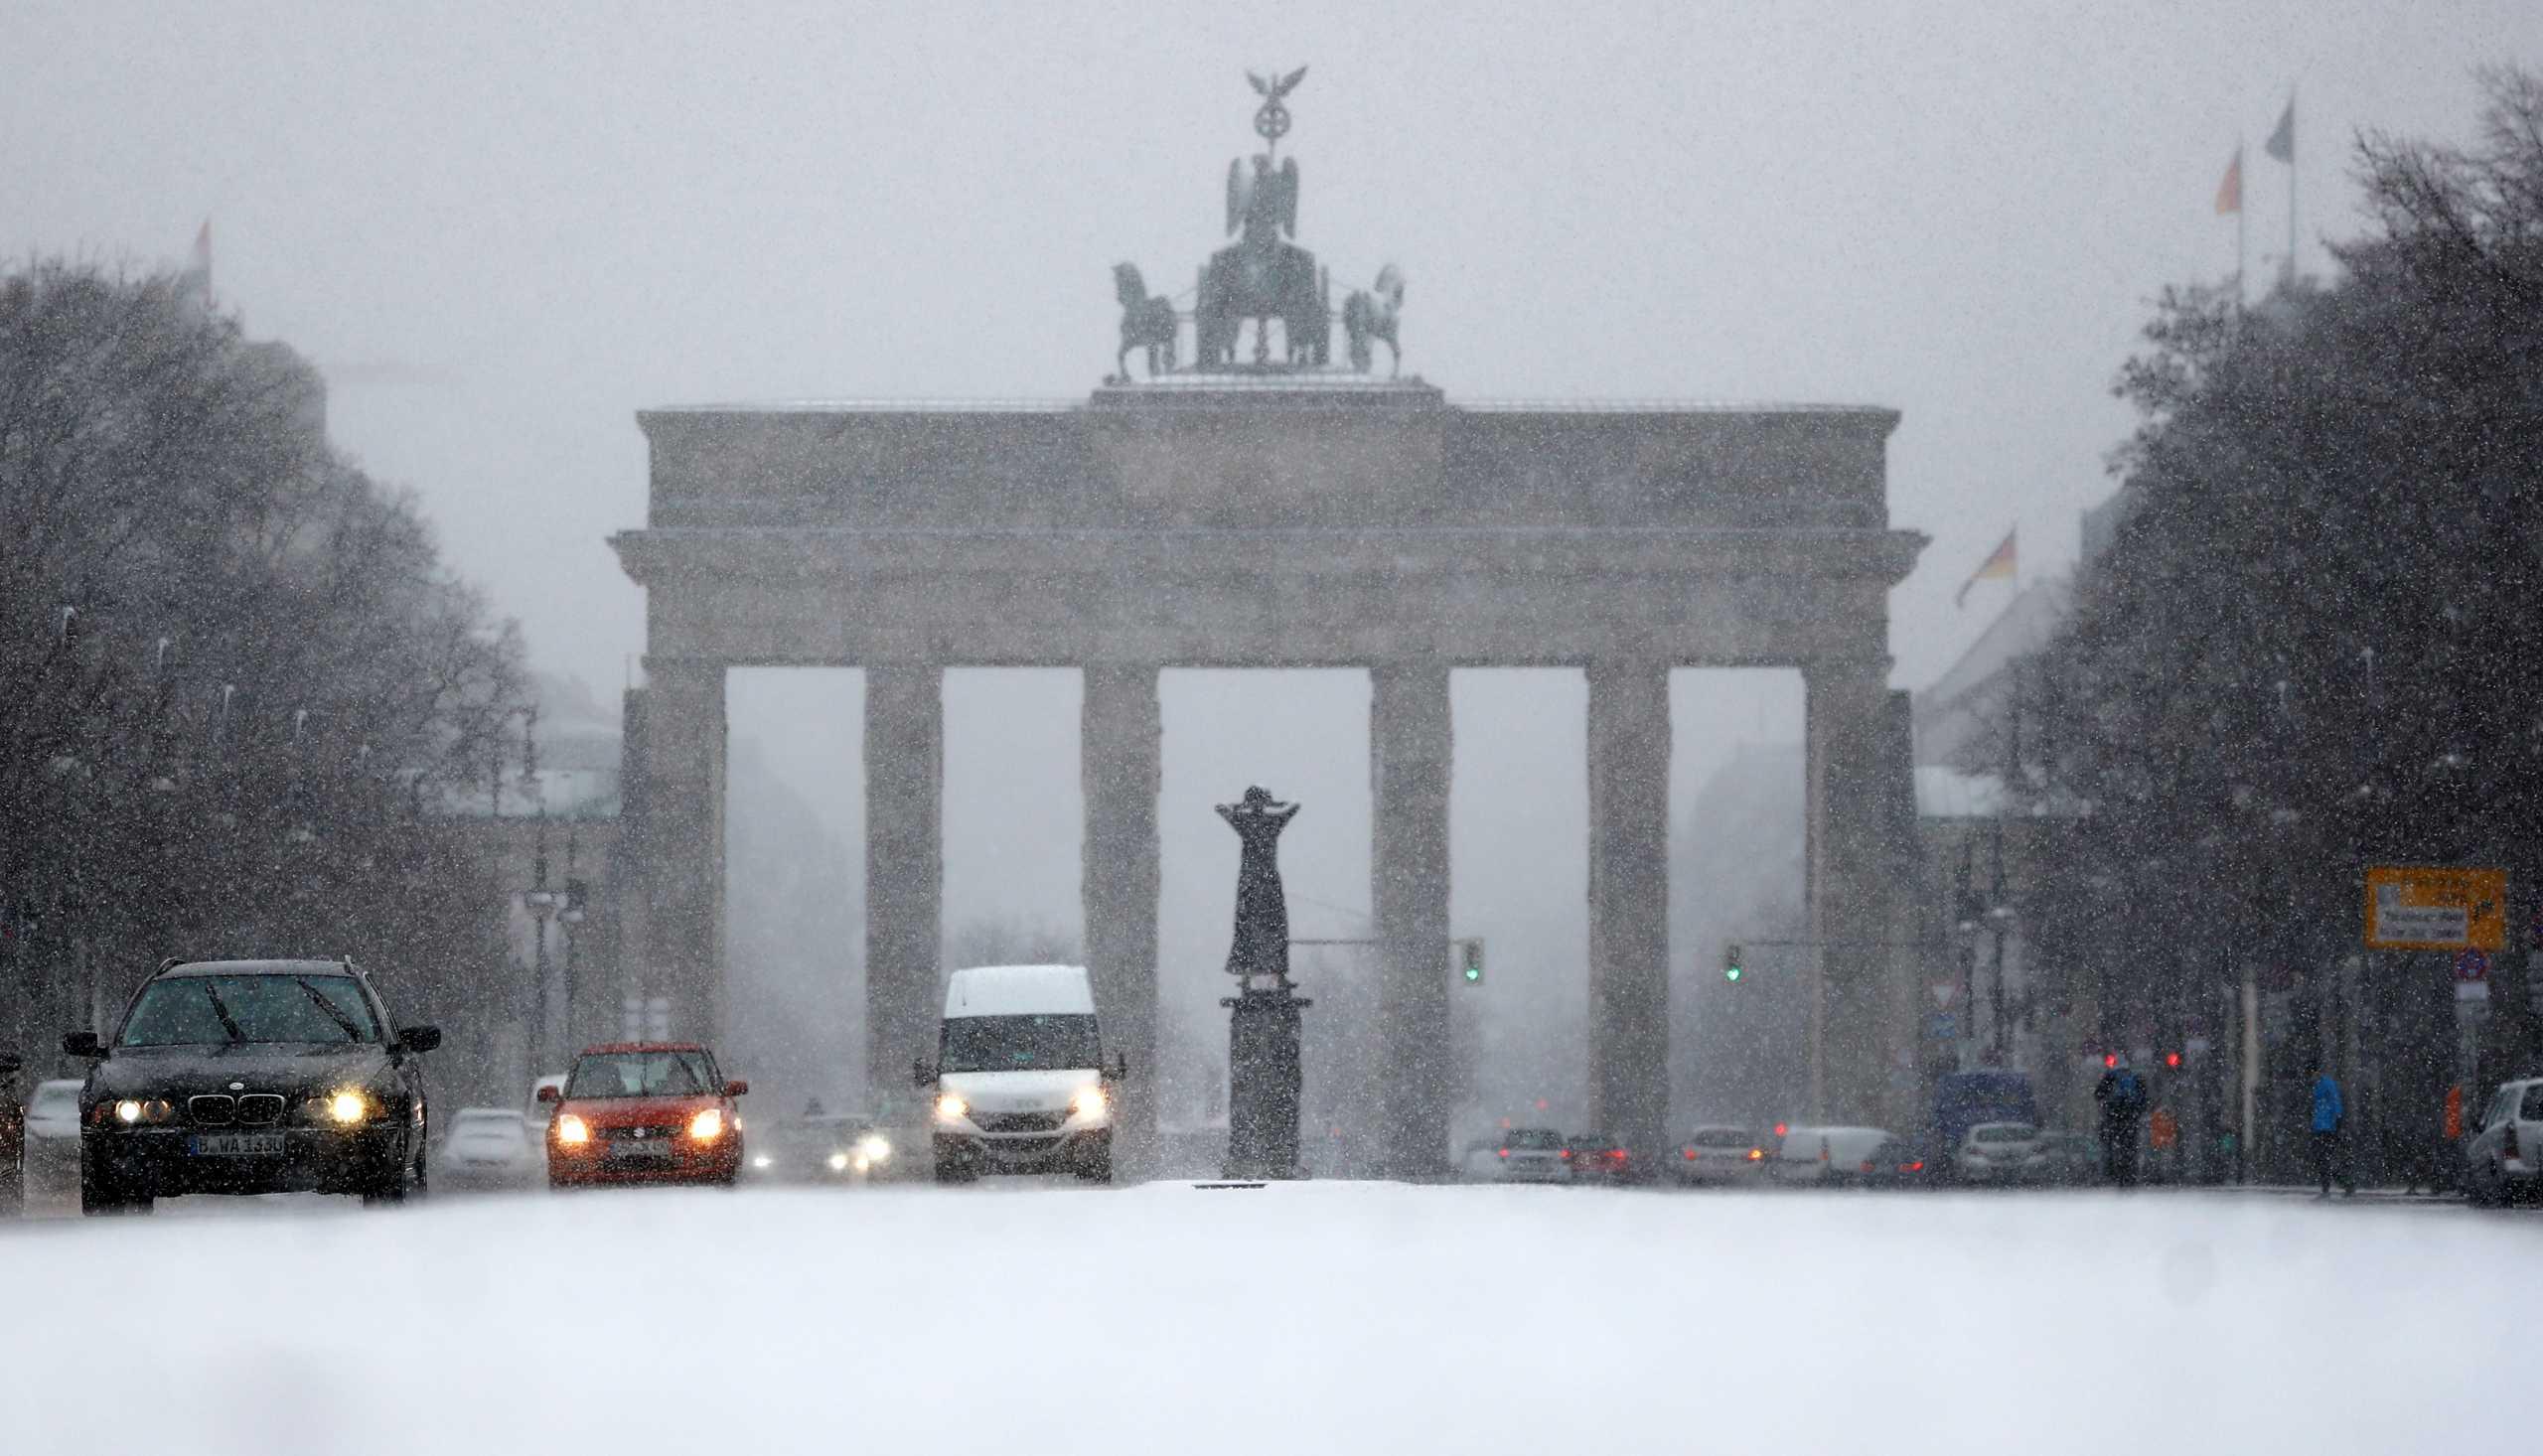 Γερμανία: Μόλις 3% η ανάπτυξη στην οικονομία εξαιτίας του lockdown